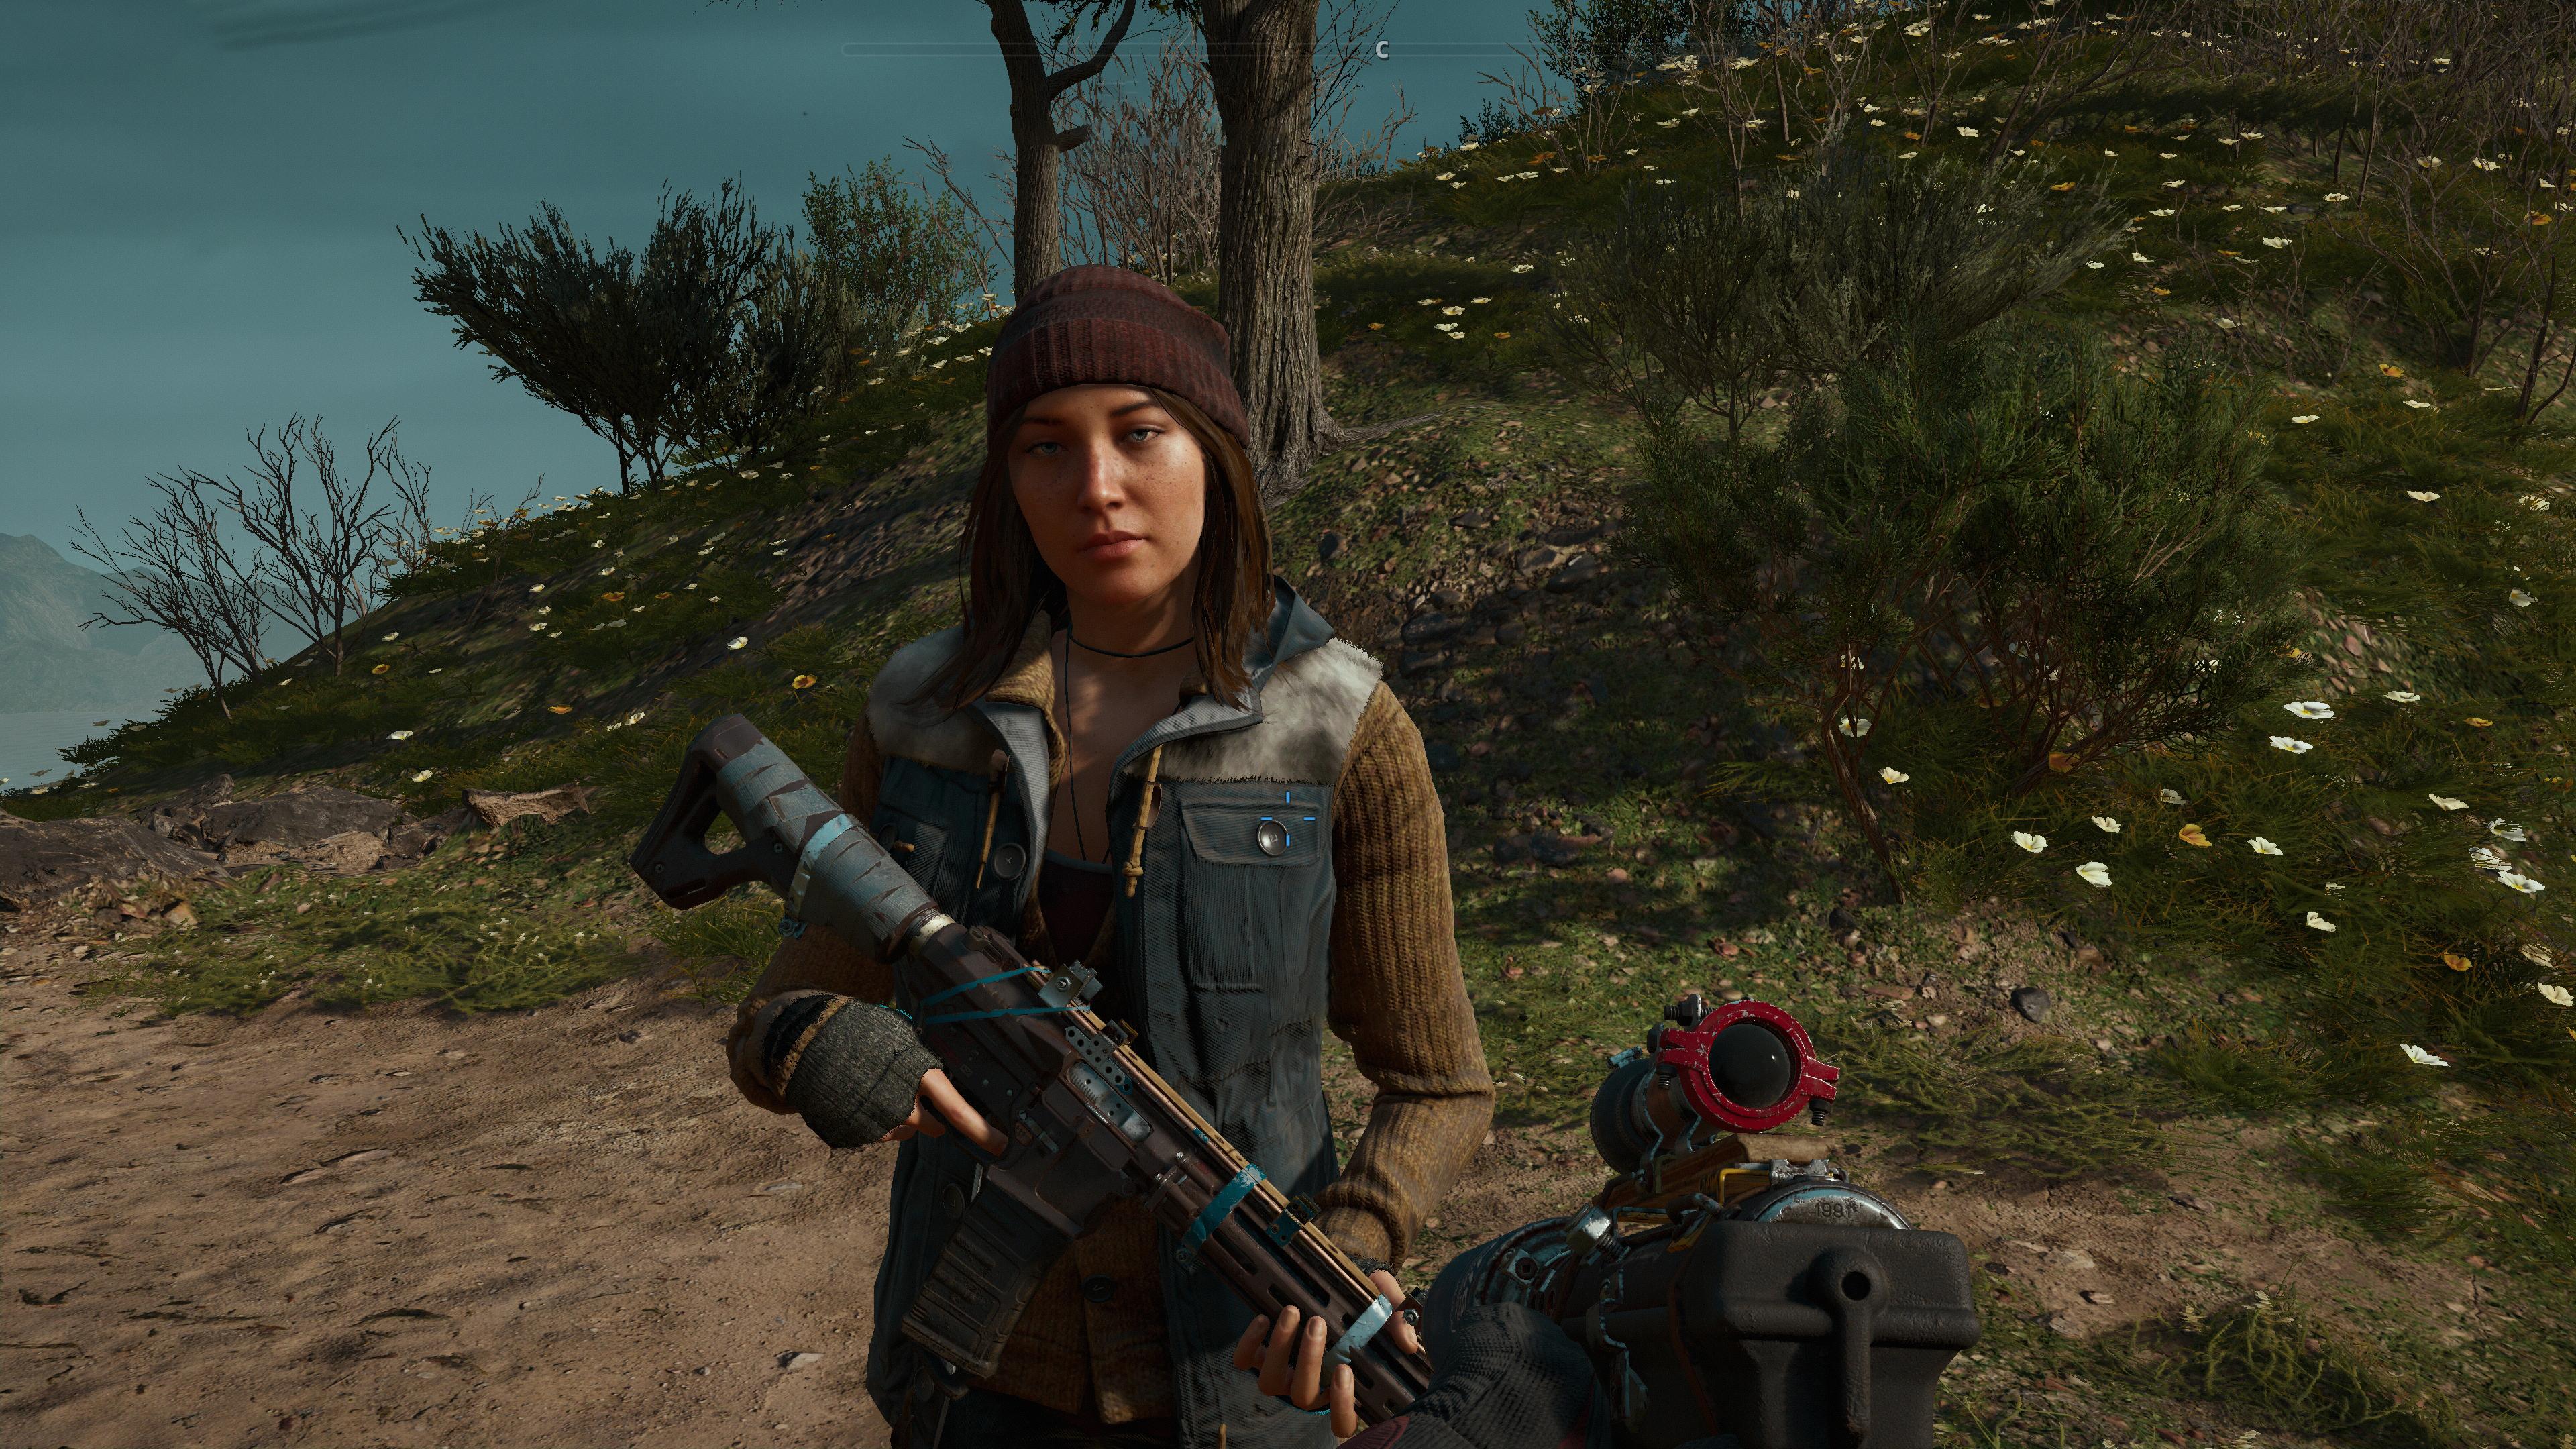 Far Cry New Dawn Screenshot 2019.03.15 - 12.57.04.jpg - Far Cry: New Dawn